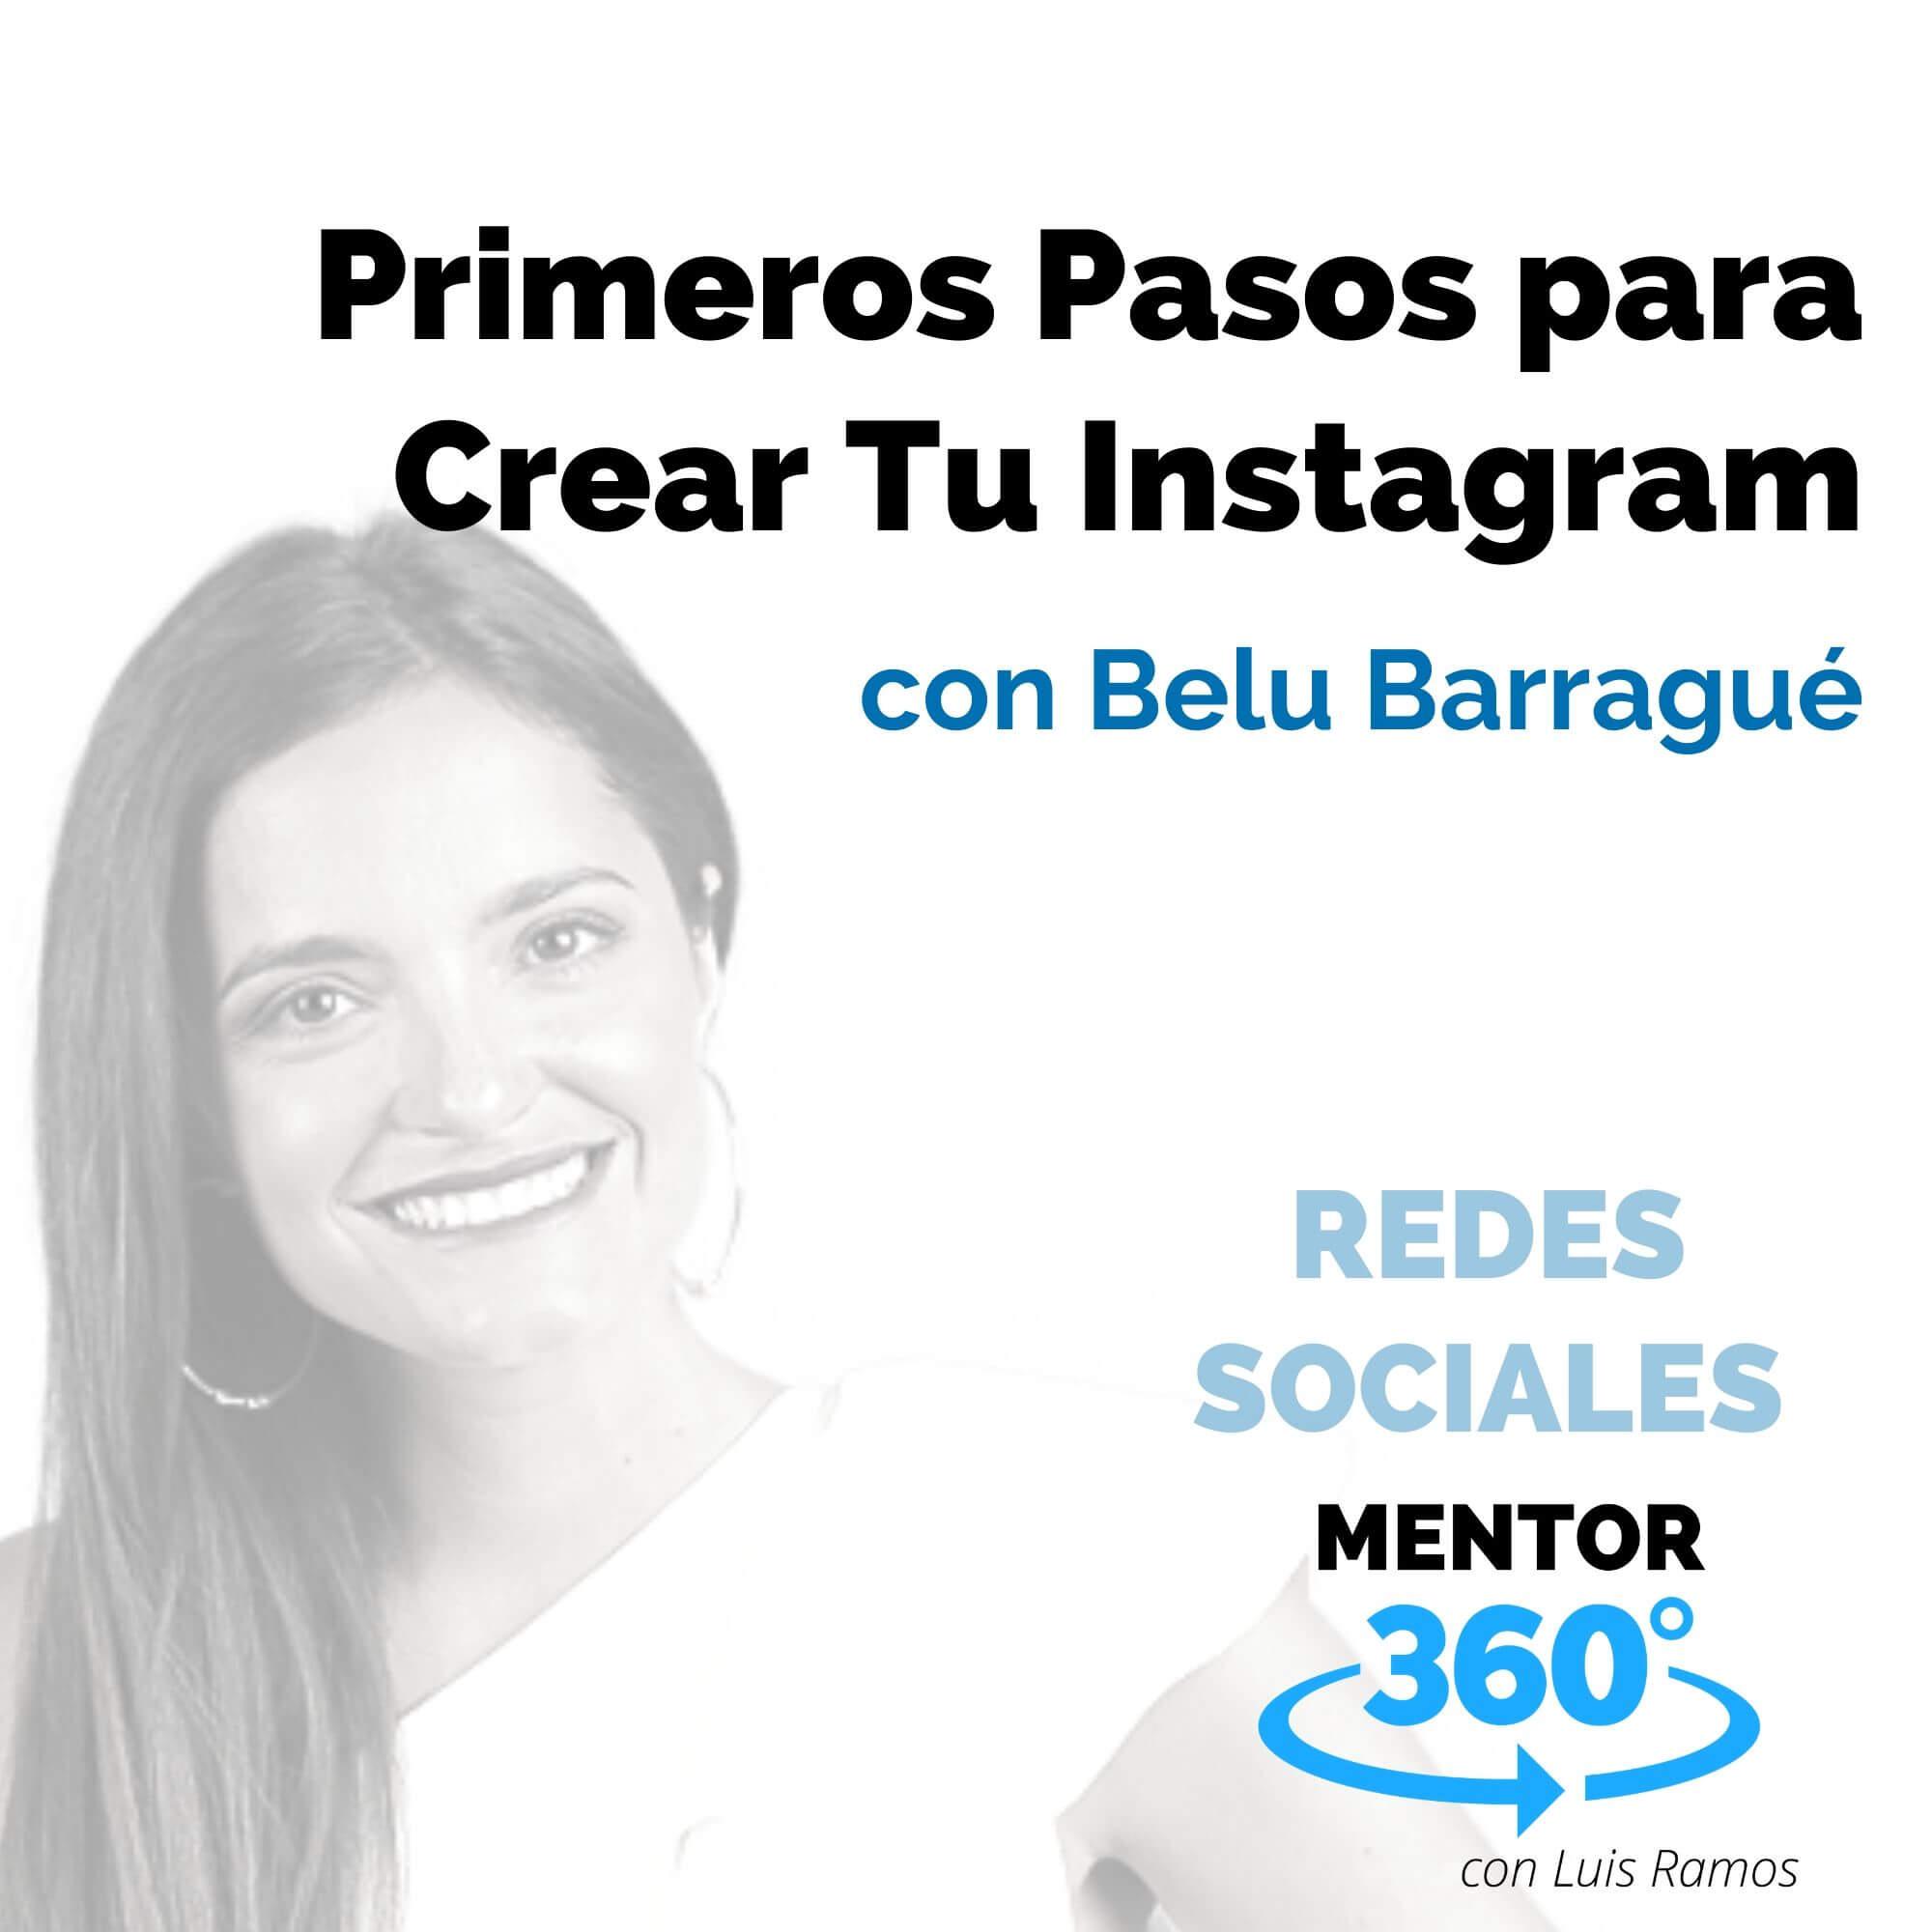 Primeros Pasos para Crear Tu Instagram, con Belu Barragué - REDES SOCIALES